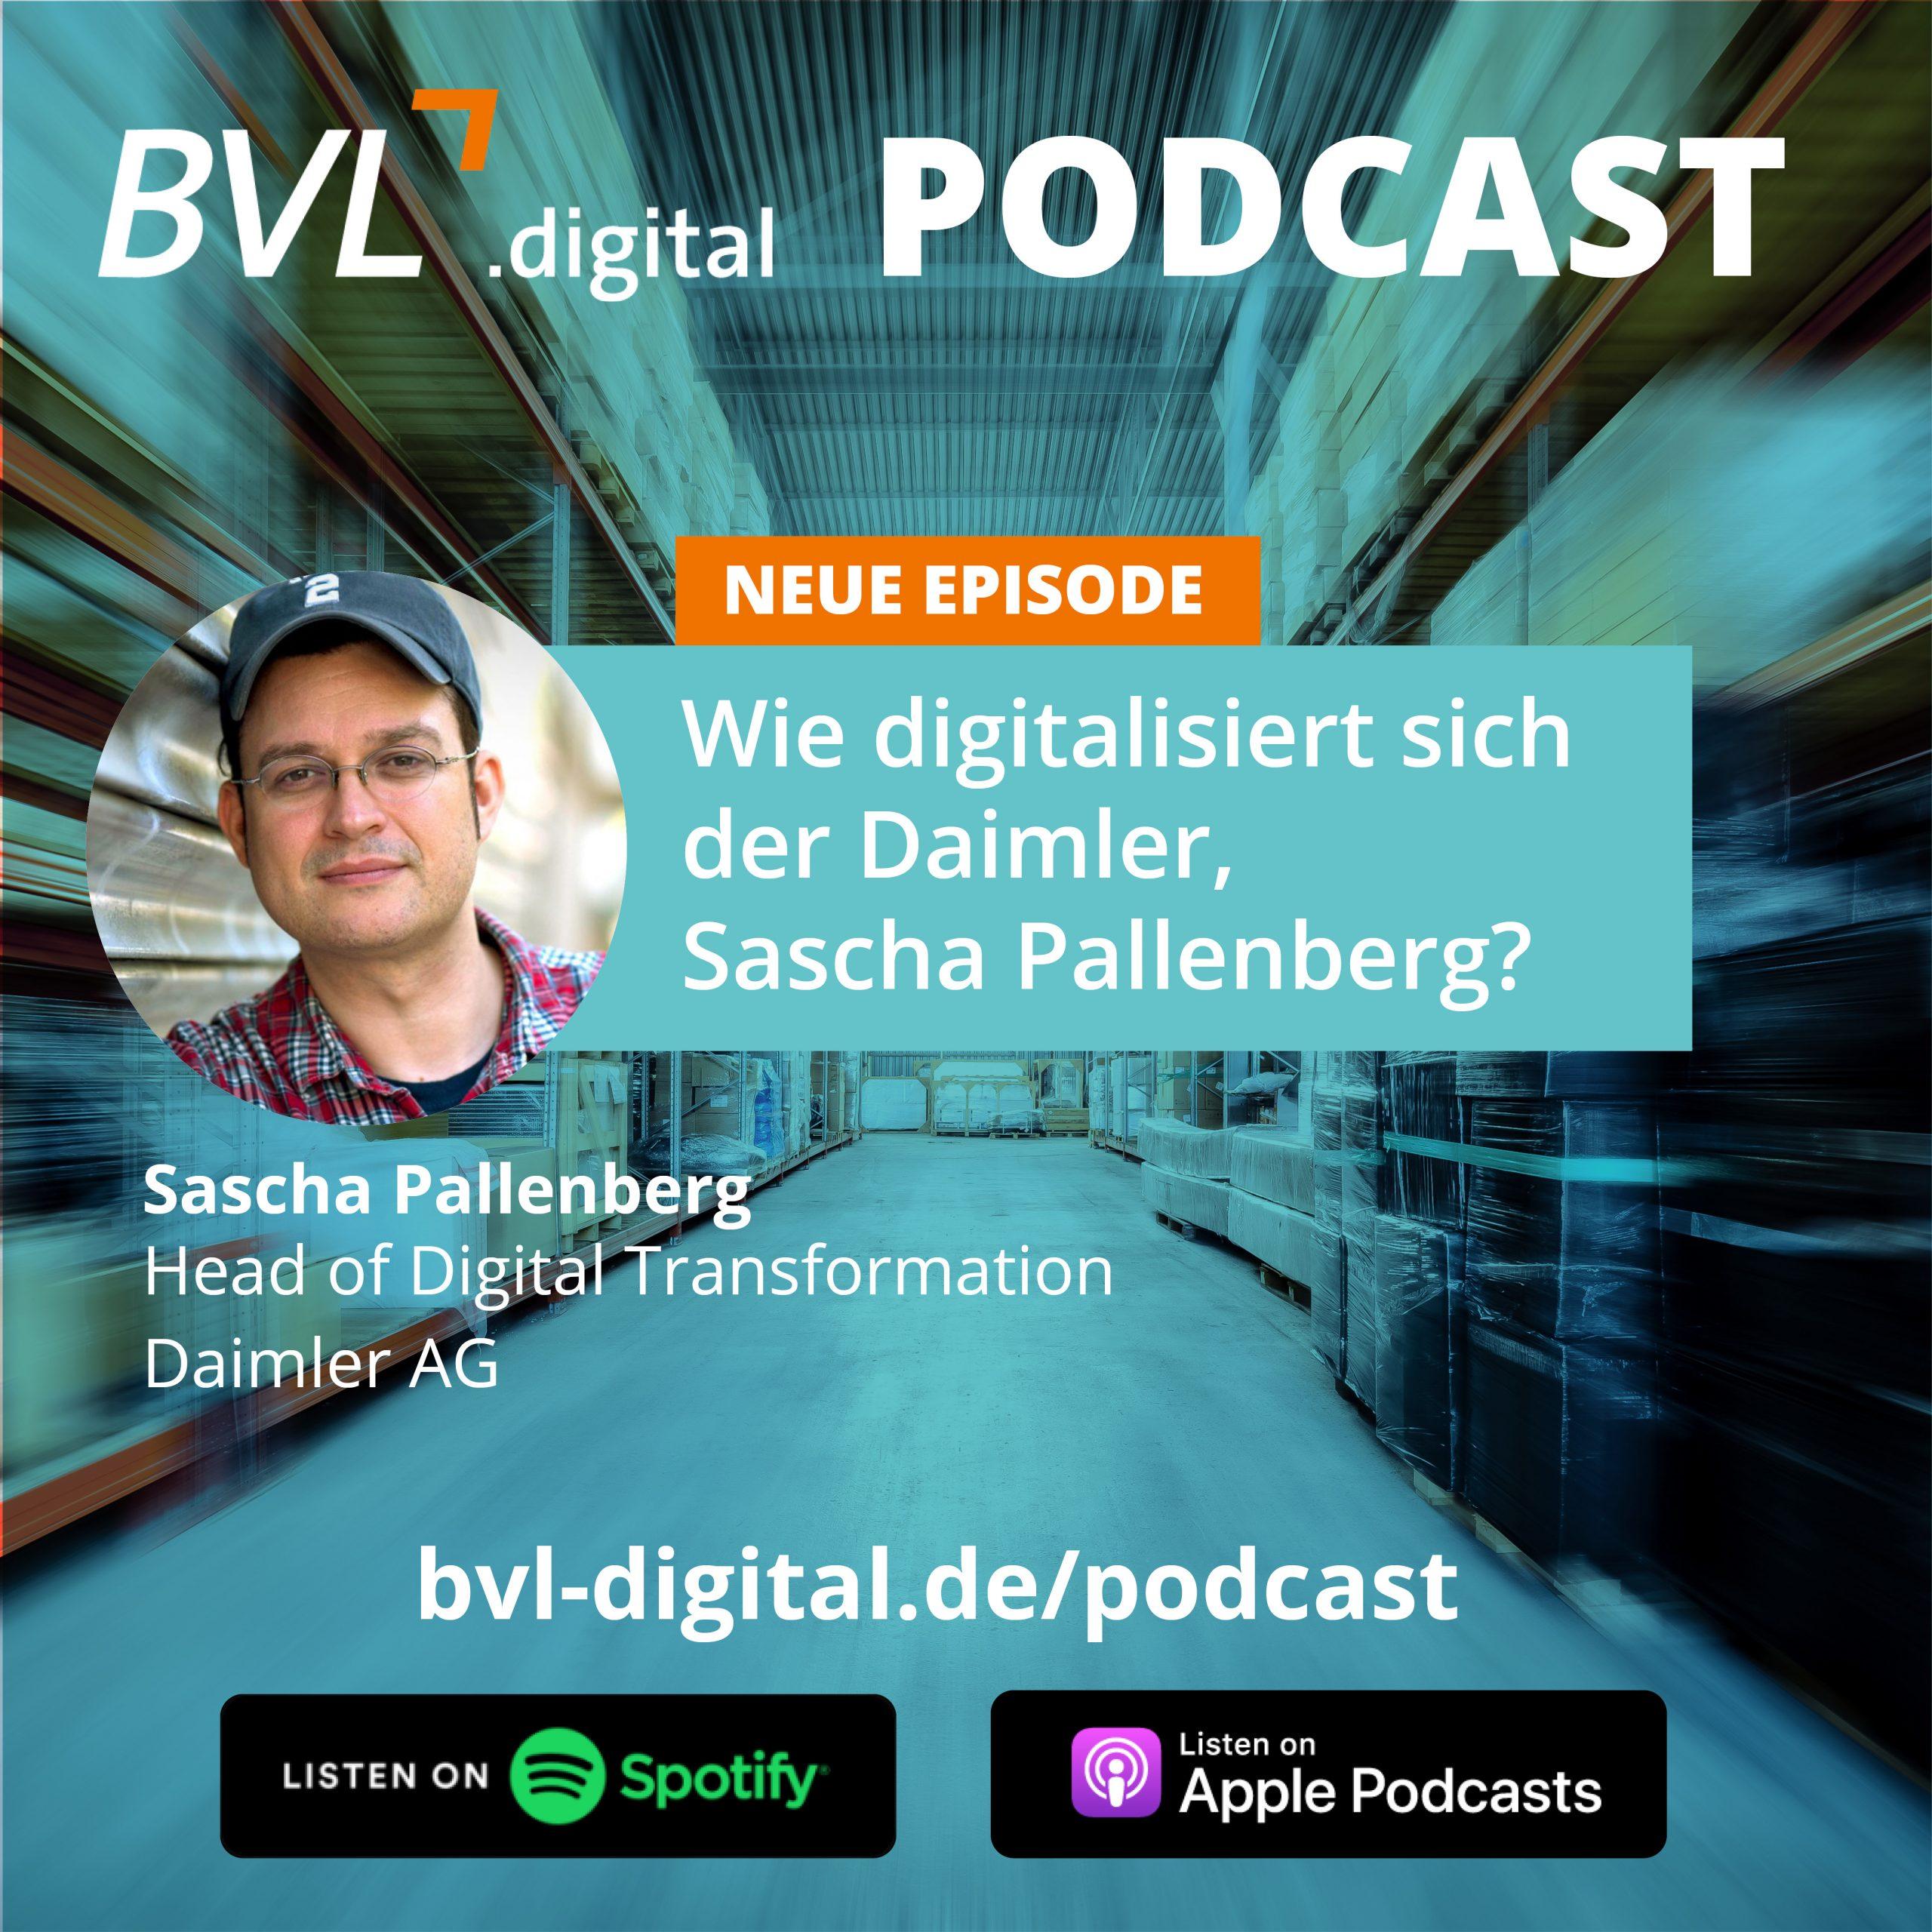 #2: Wie digitalisiert sich der Daimler, Sascha Pallenberg?